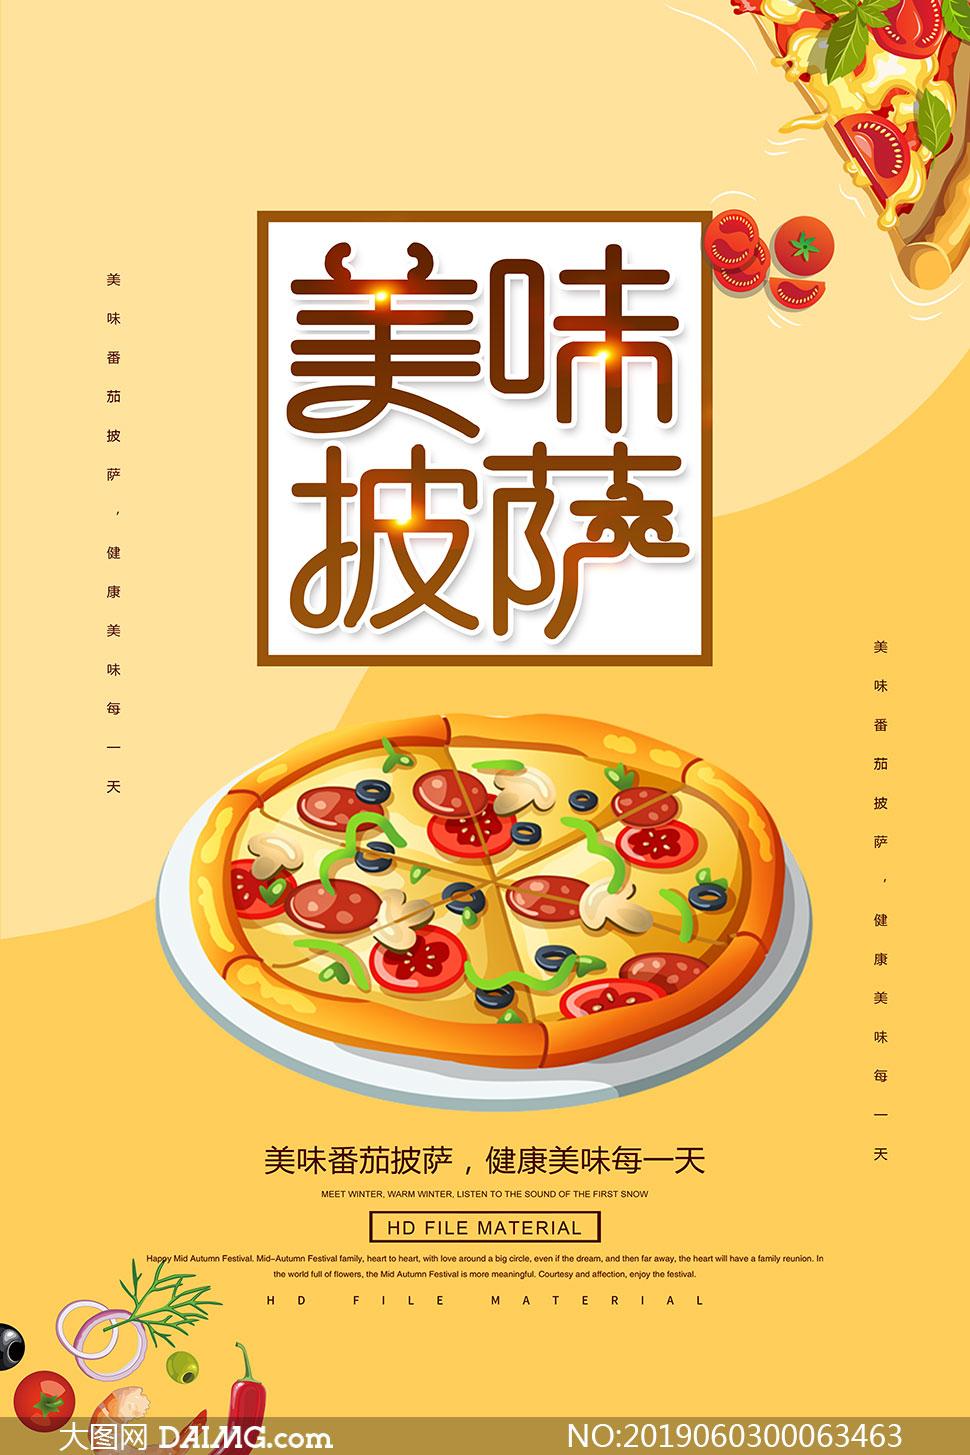 美味披萨宣传单设计模板PSD素材